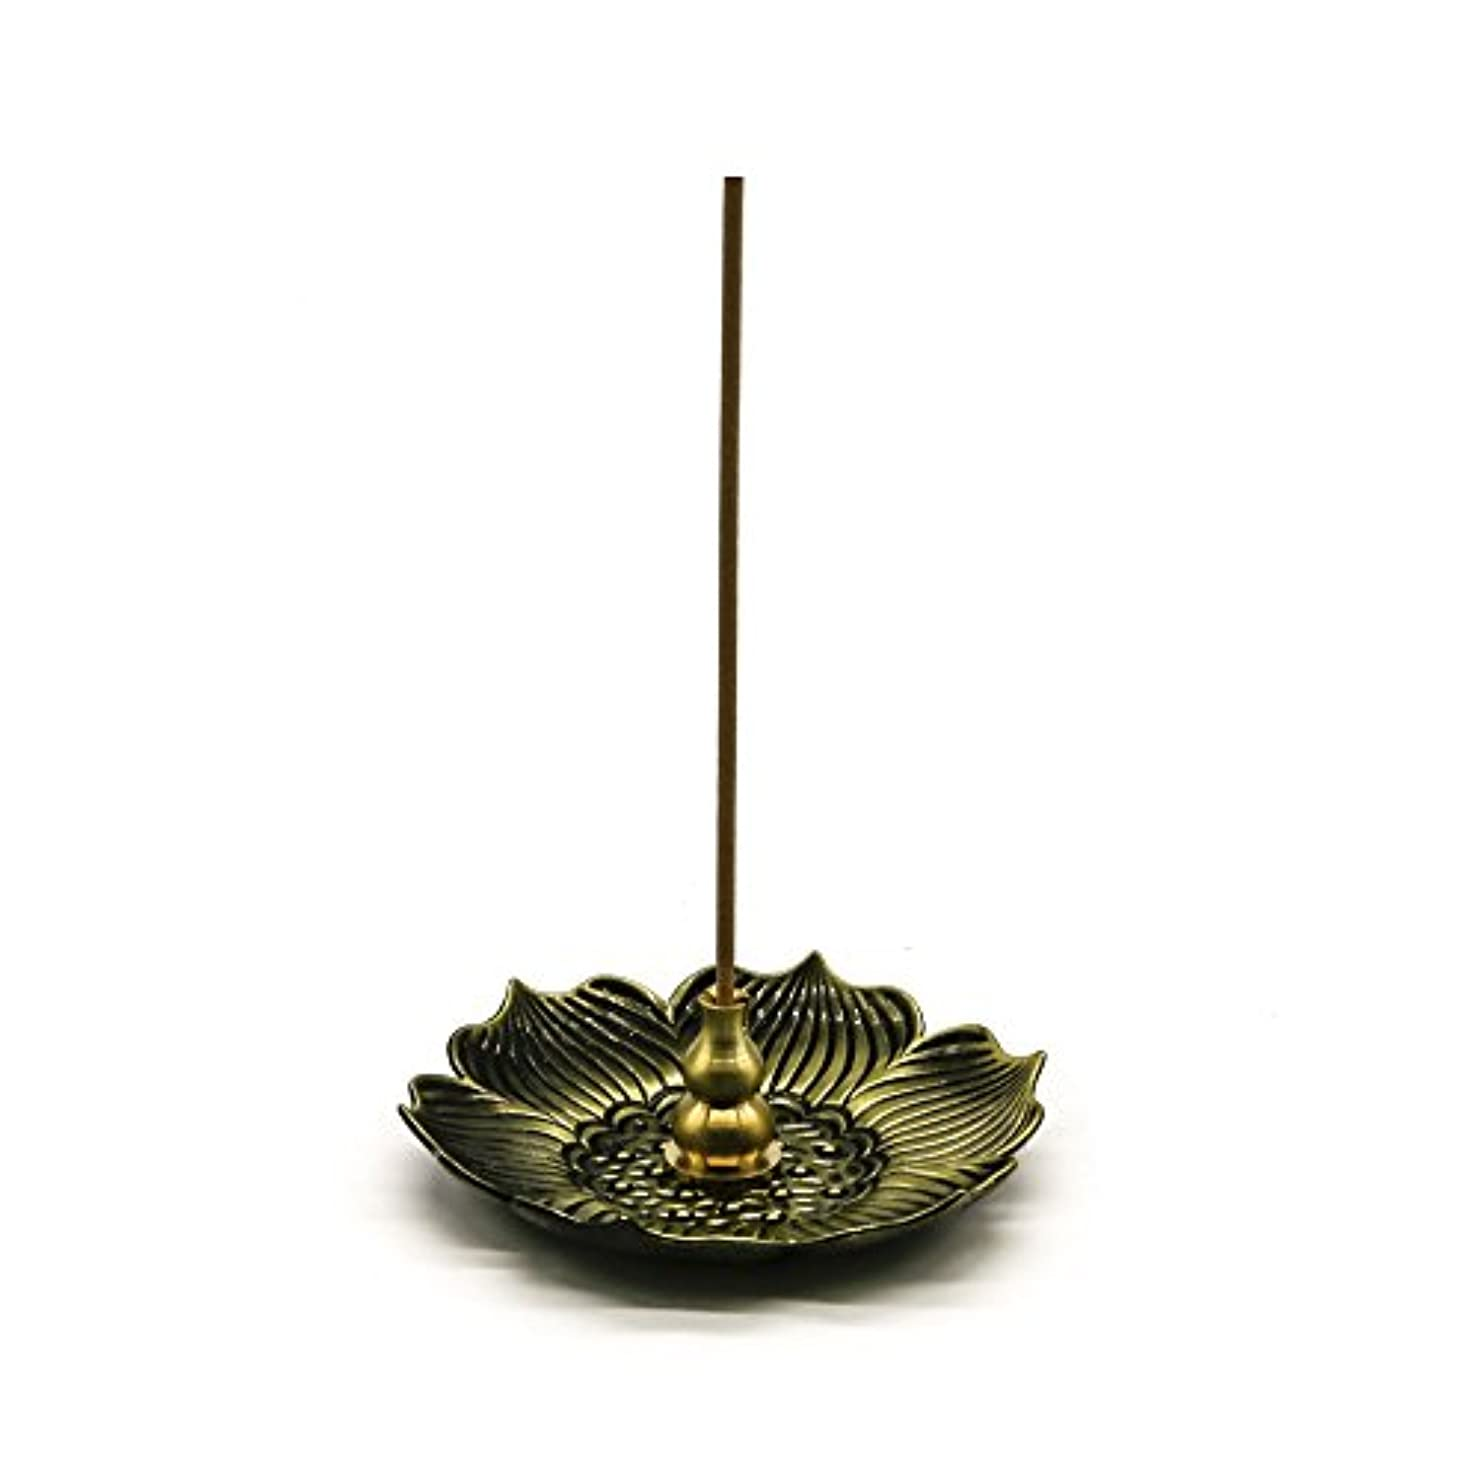 計算するモットー赤omonicブロンズLotus Dish Stick Incense Burnerホルダー(スティック/コーン/コイルIncense )アロマセラピー炉Diffuser forホームインテリア